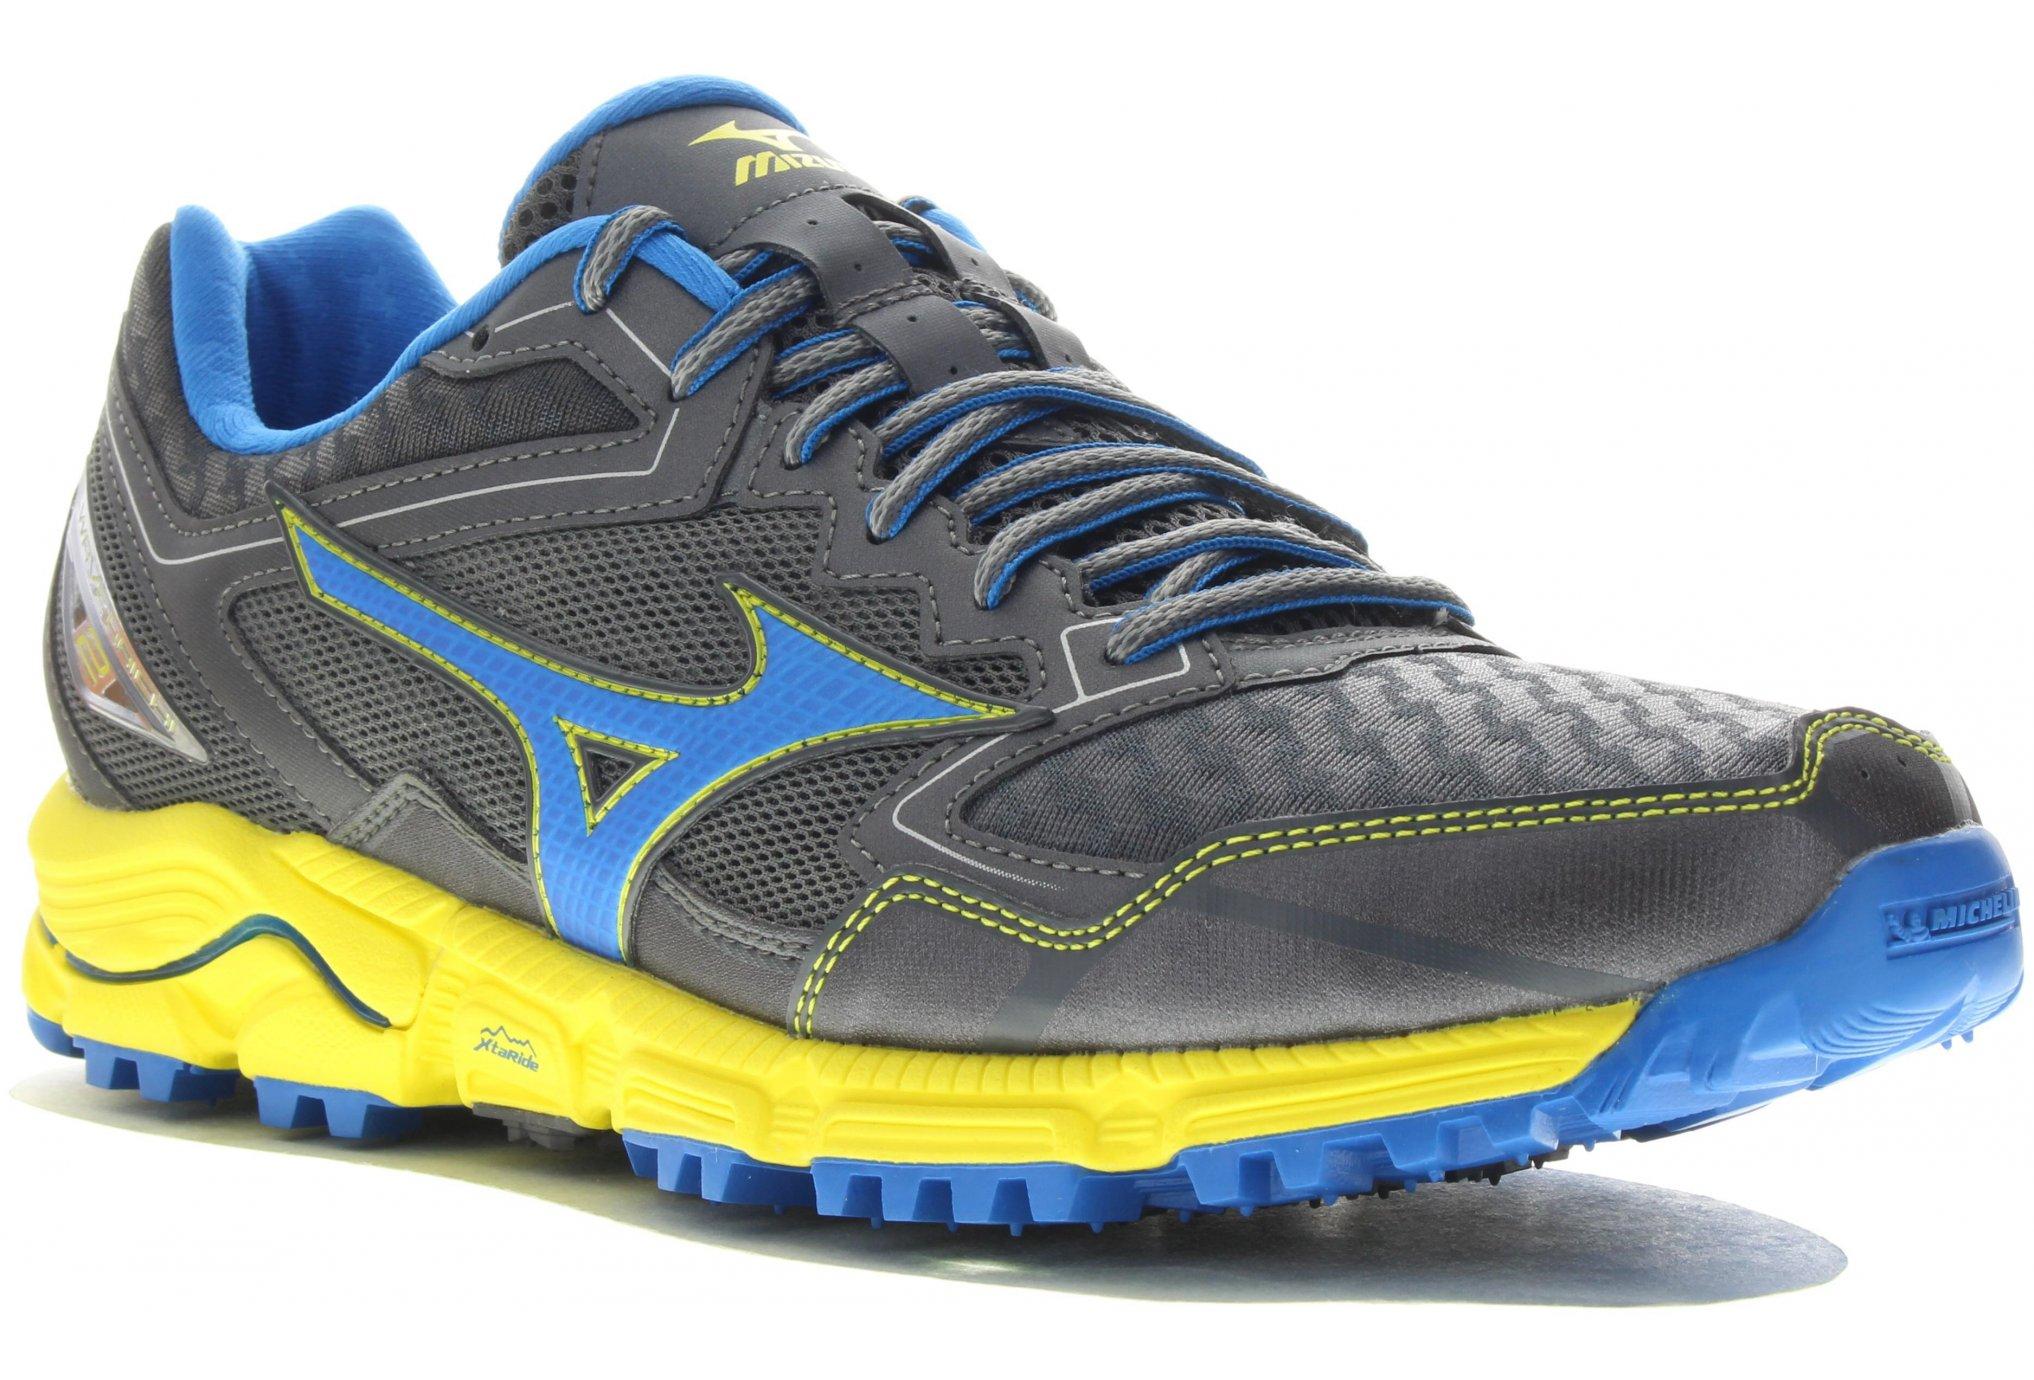 4d55d7f2347 Conseils équipement   choisir le bon modèle de chaussures – U Run